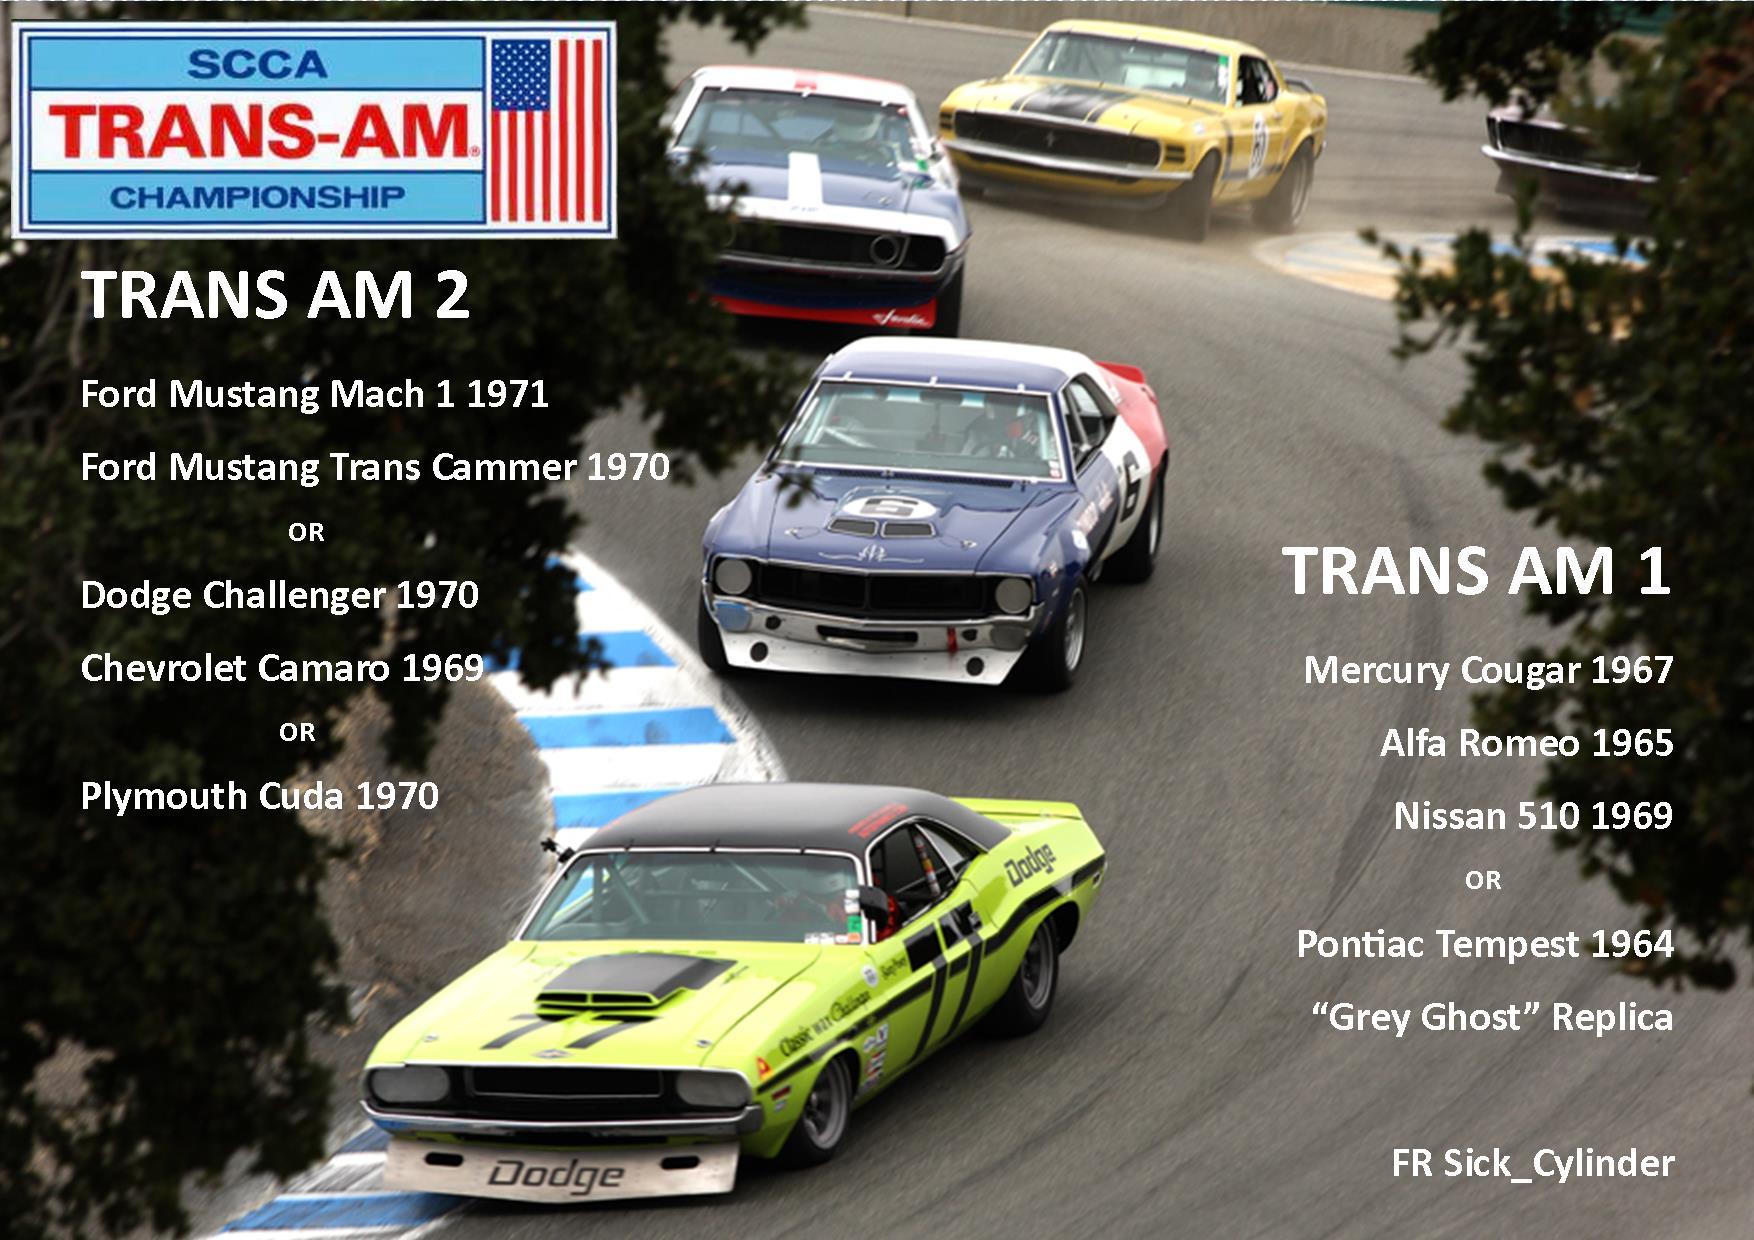 Trans Am Poster Final.jpg